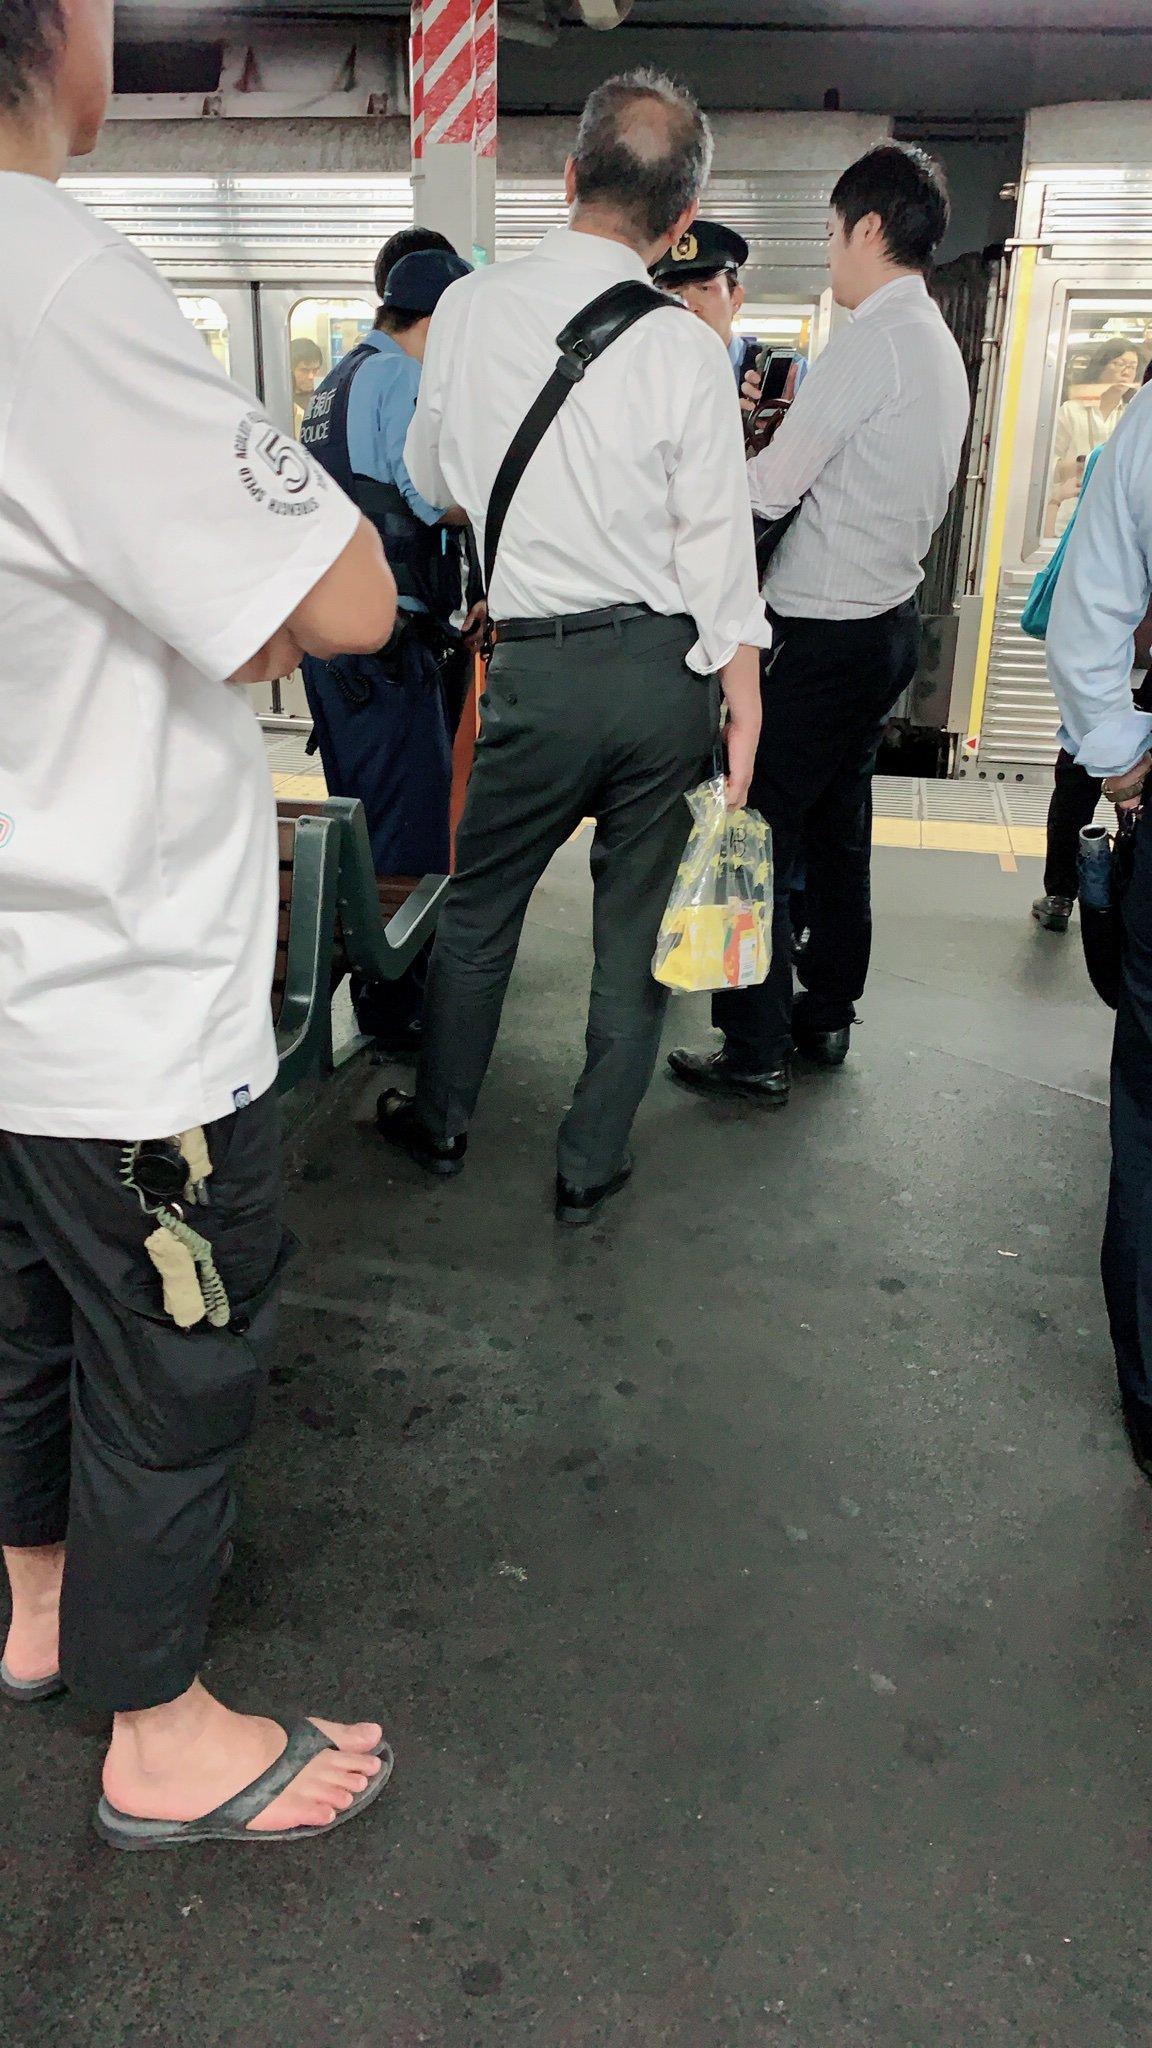 東武スカイツリーラインの西新井駅で人身事故が起きた現場の画像